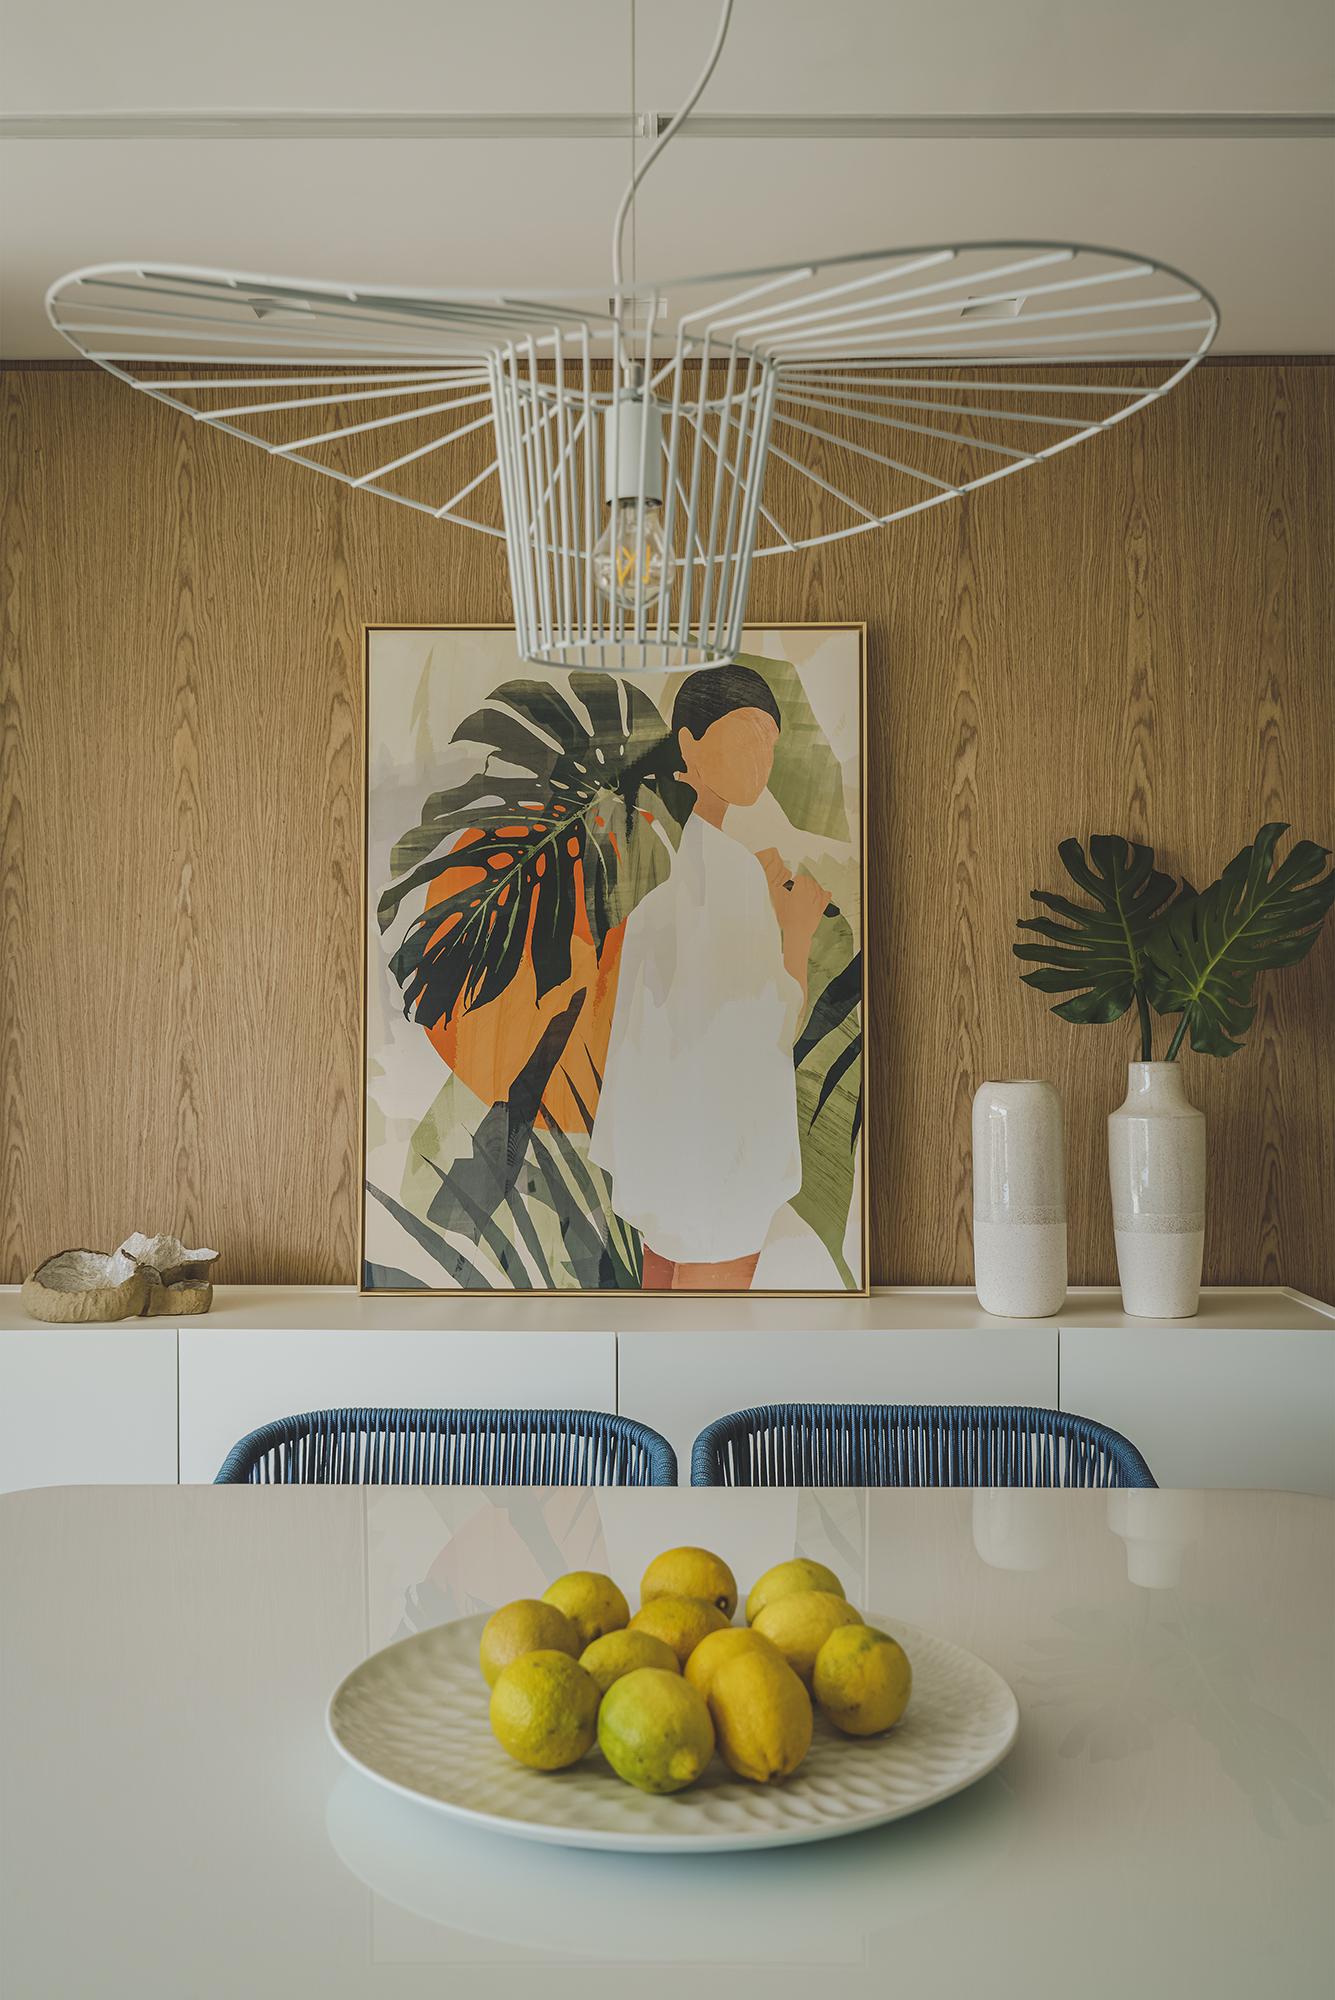 O pendente decorativo acima da mesa de jantar, em formato orgânico que lembra as ondas do mar, é um dos destaques do ambiente.